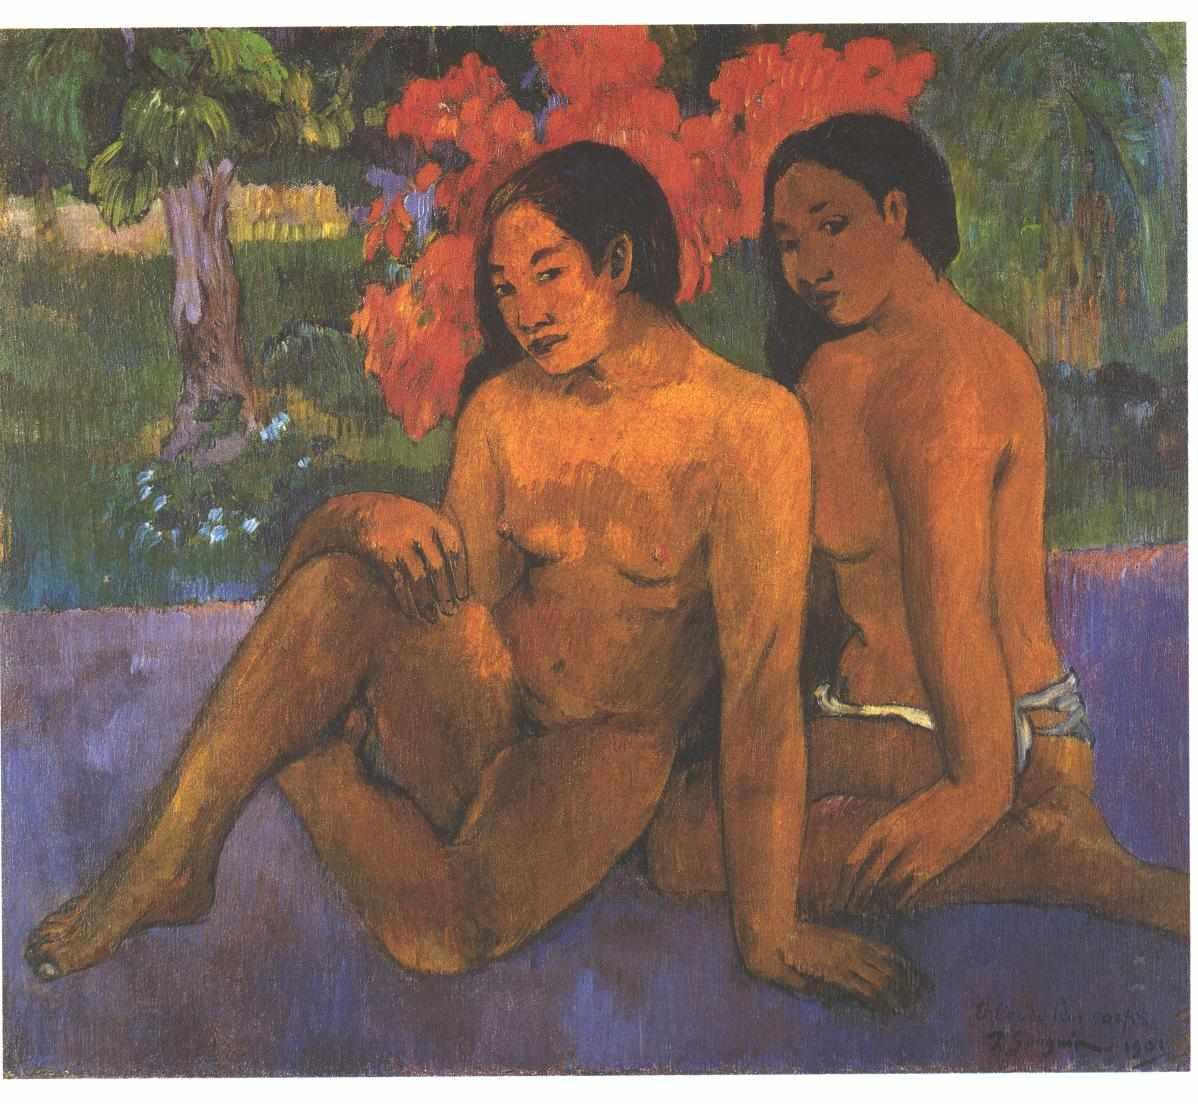 8. Mujeres tahitianas sentadas